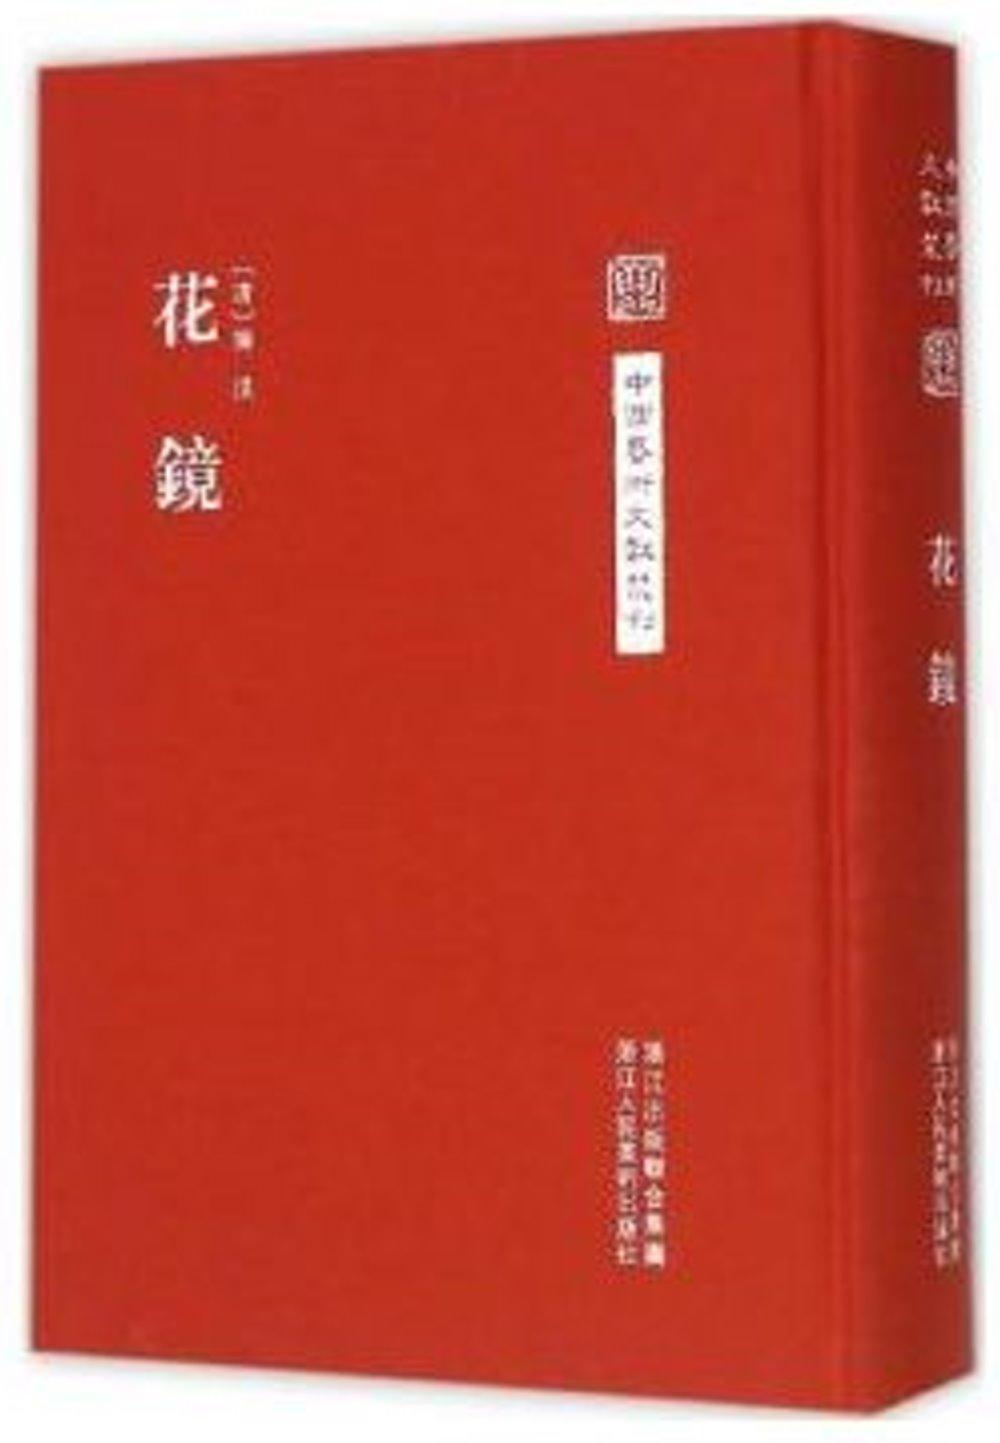 中國藝術文獻叢刊:花鏡